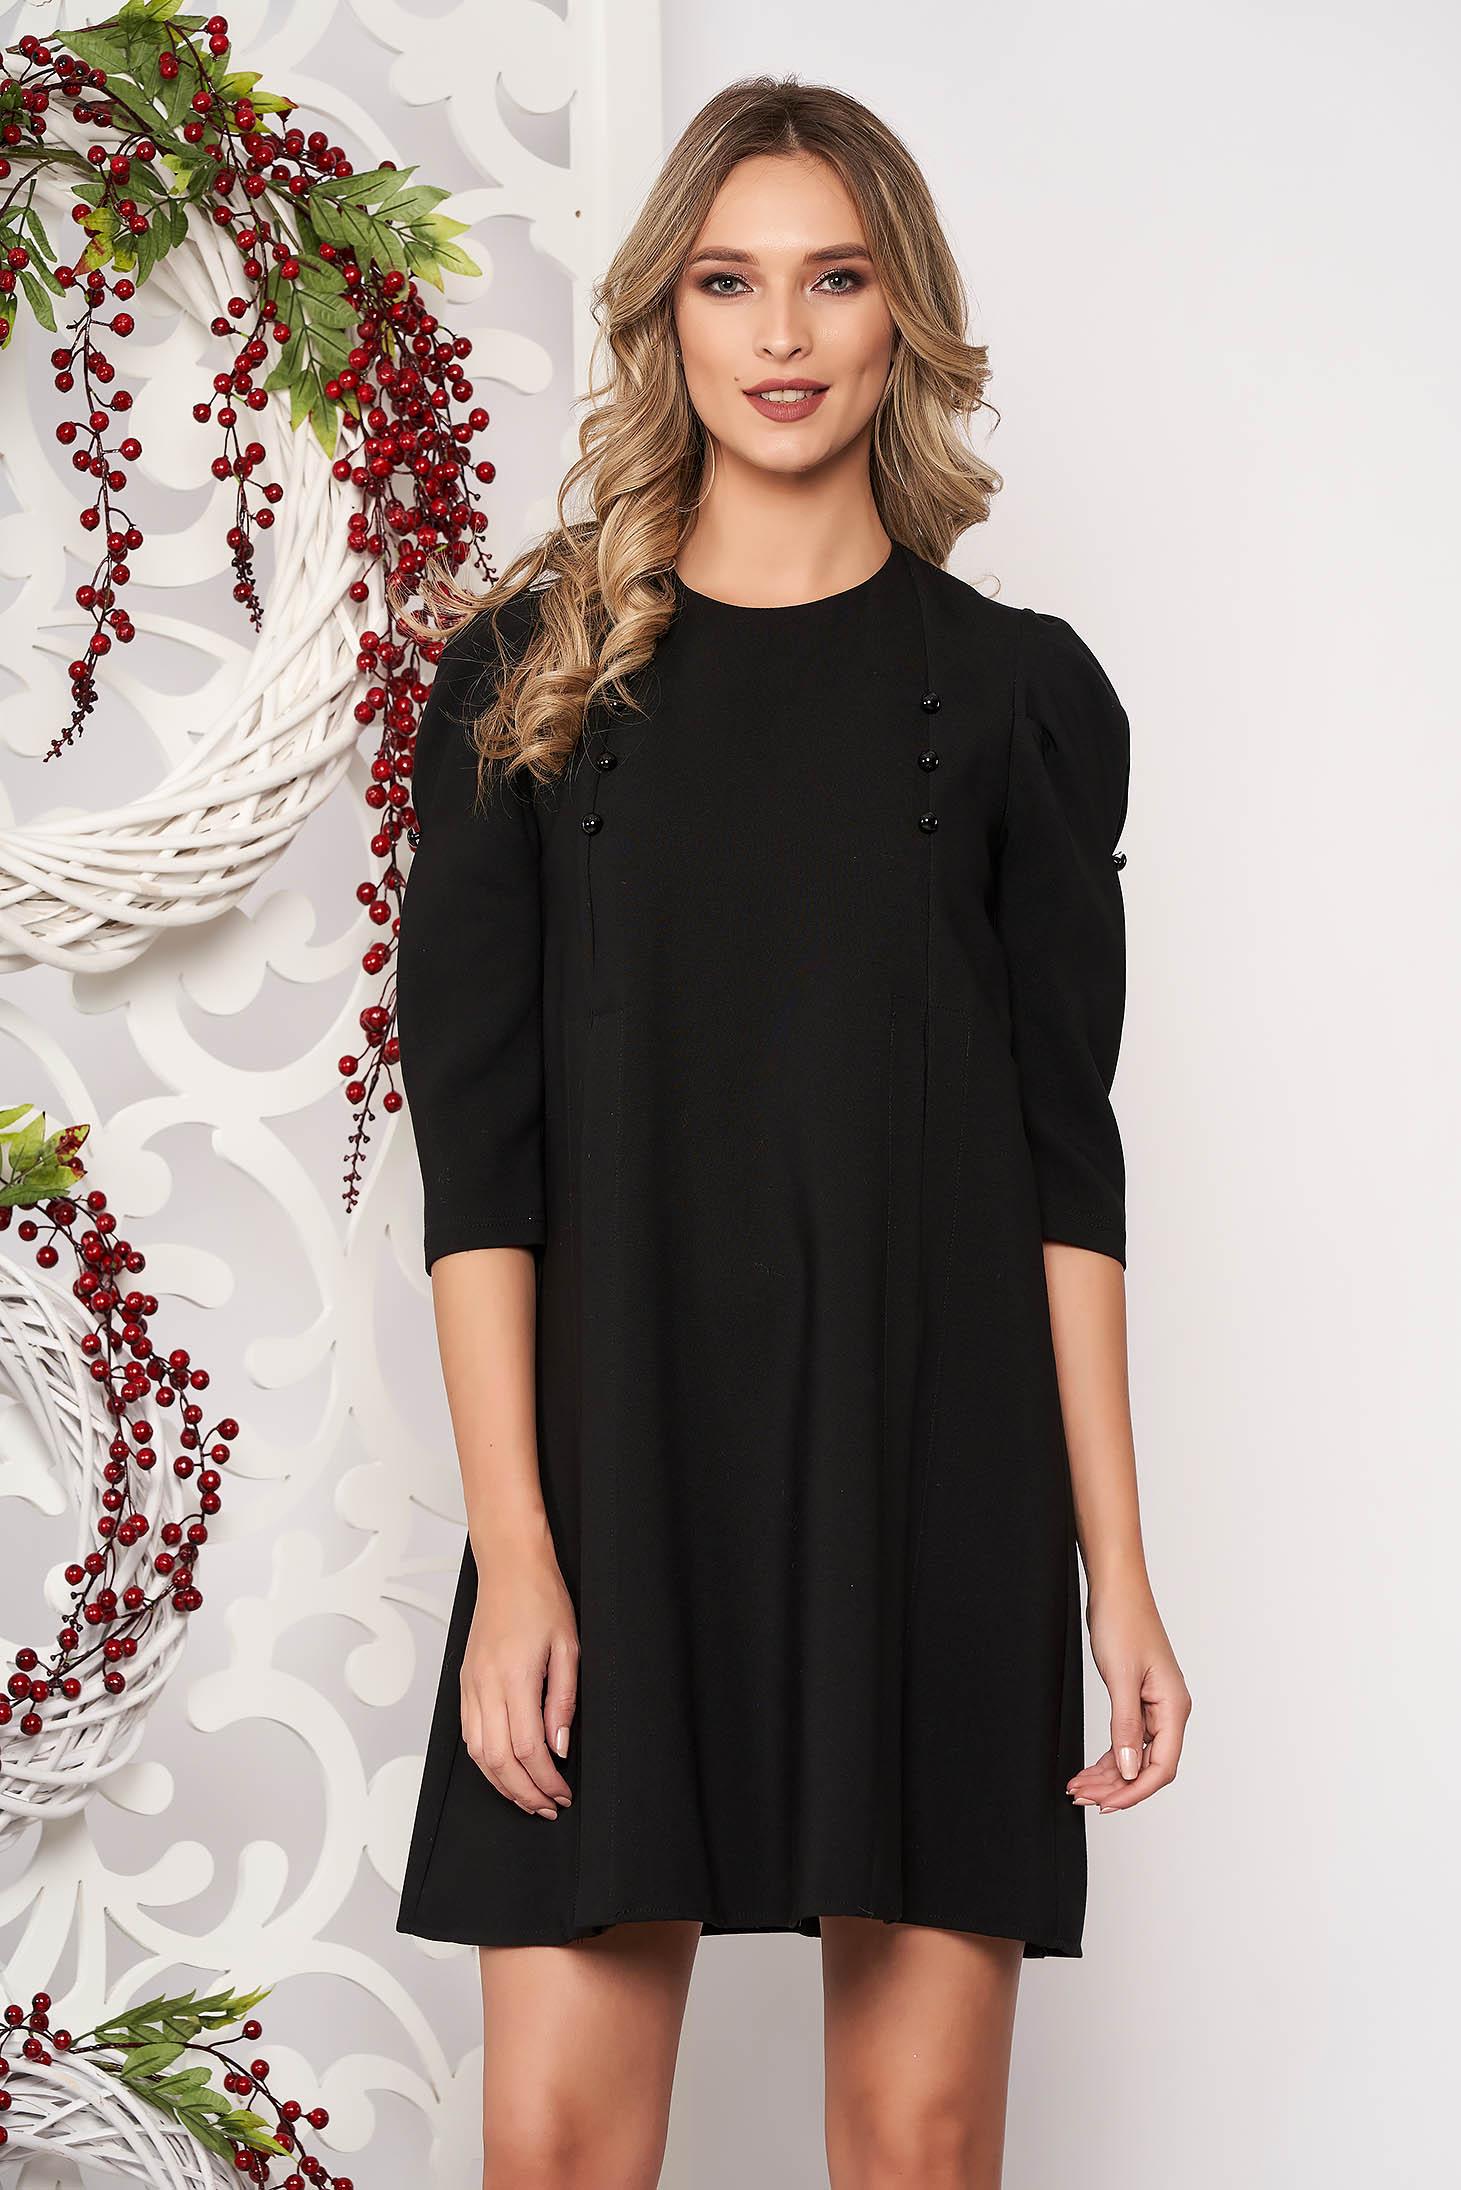 Rochie Artista neagra de zi cu croi larg din stofa usor elastica accesorizata cu nasturi cu maneci trei-sferturi